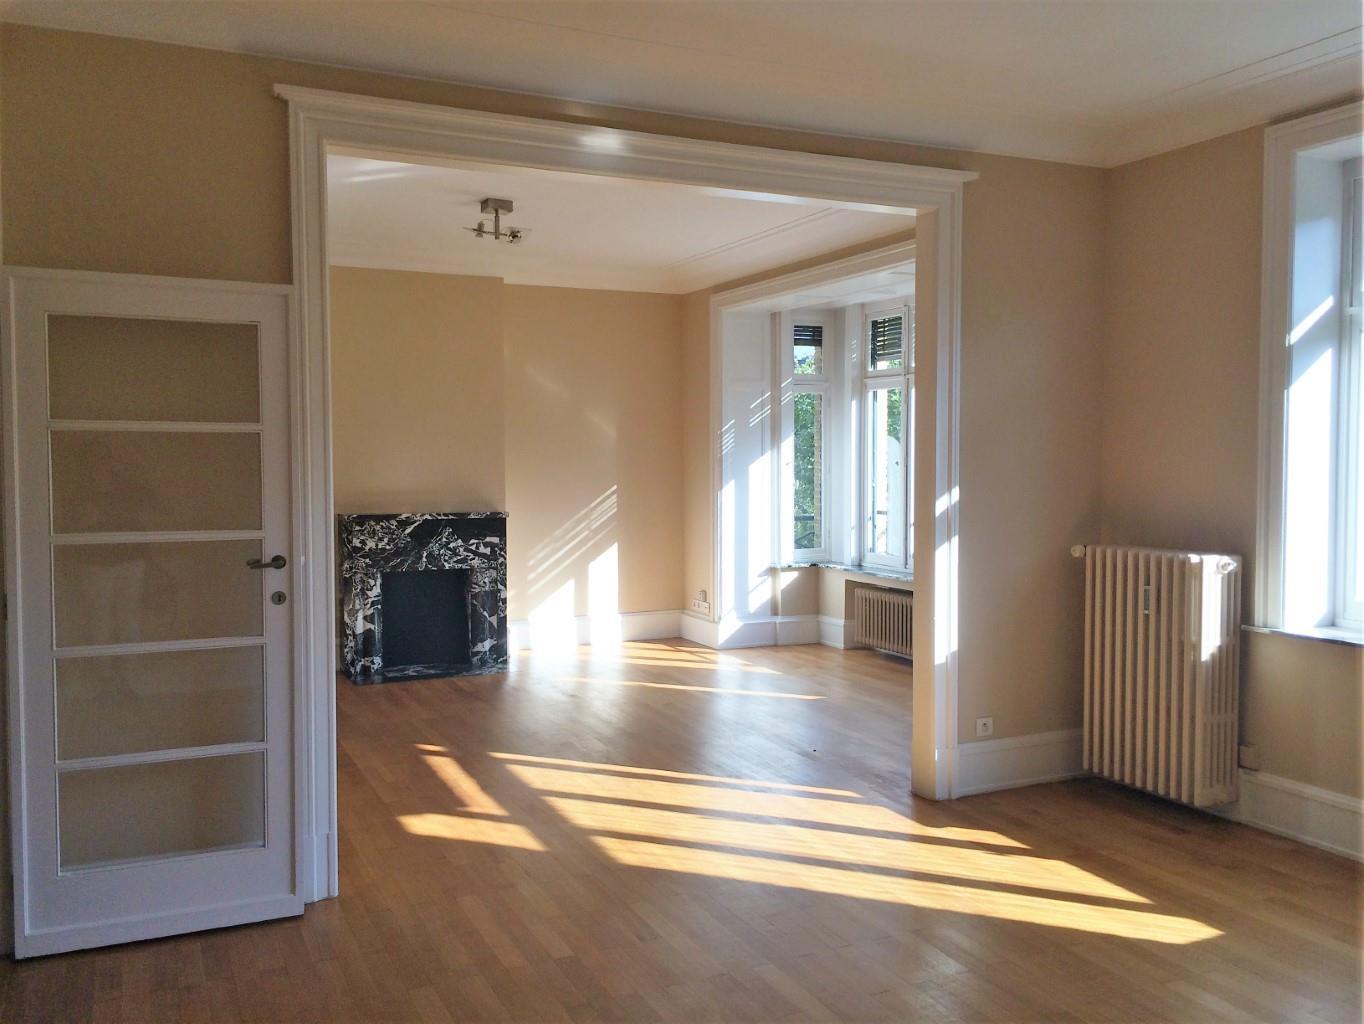 Appartement exceptionnel - Ixelles - #2698186-2